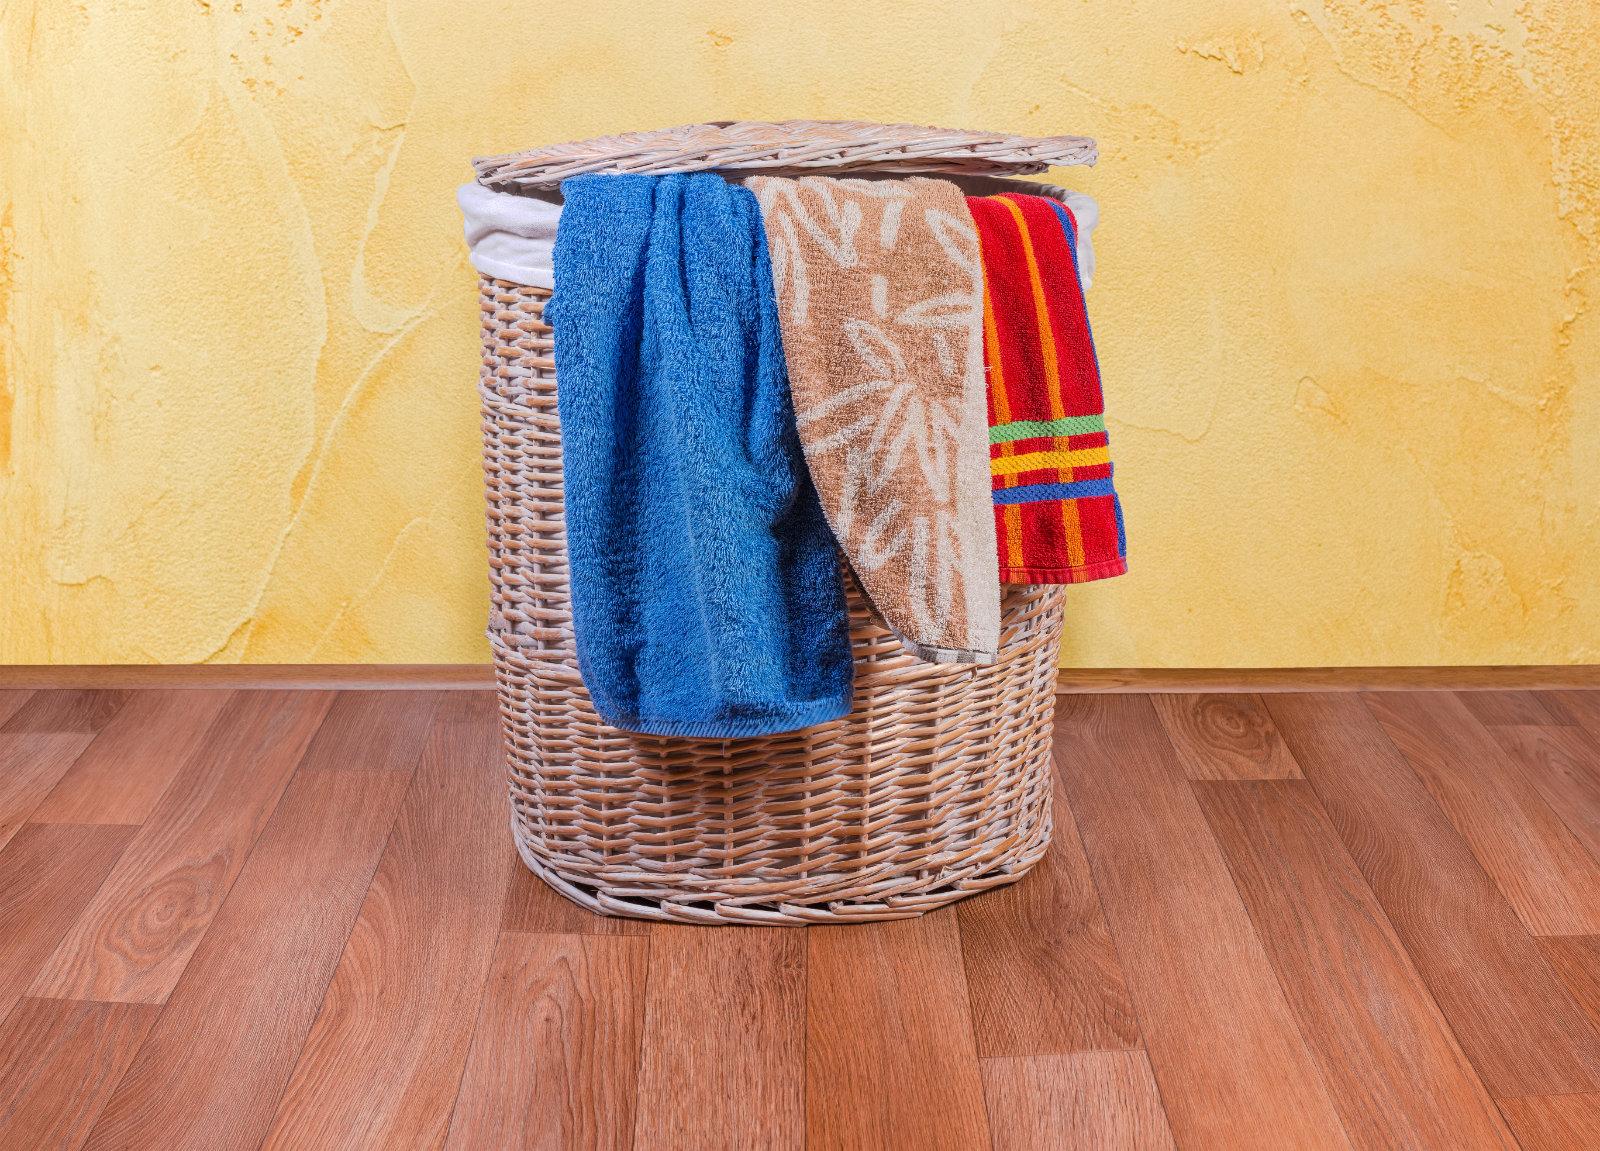 Laundry Hamper Options